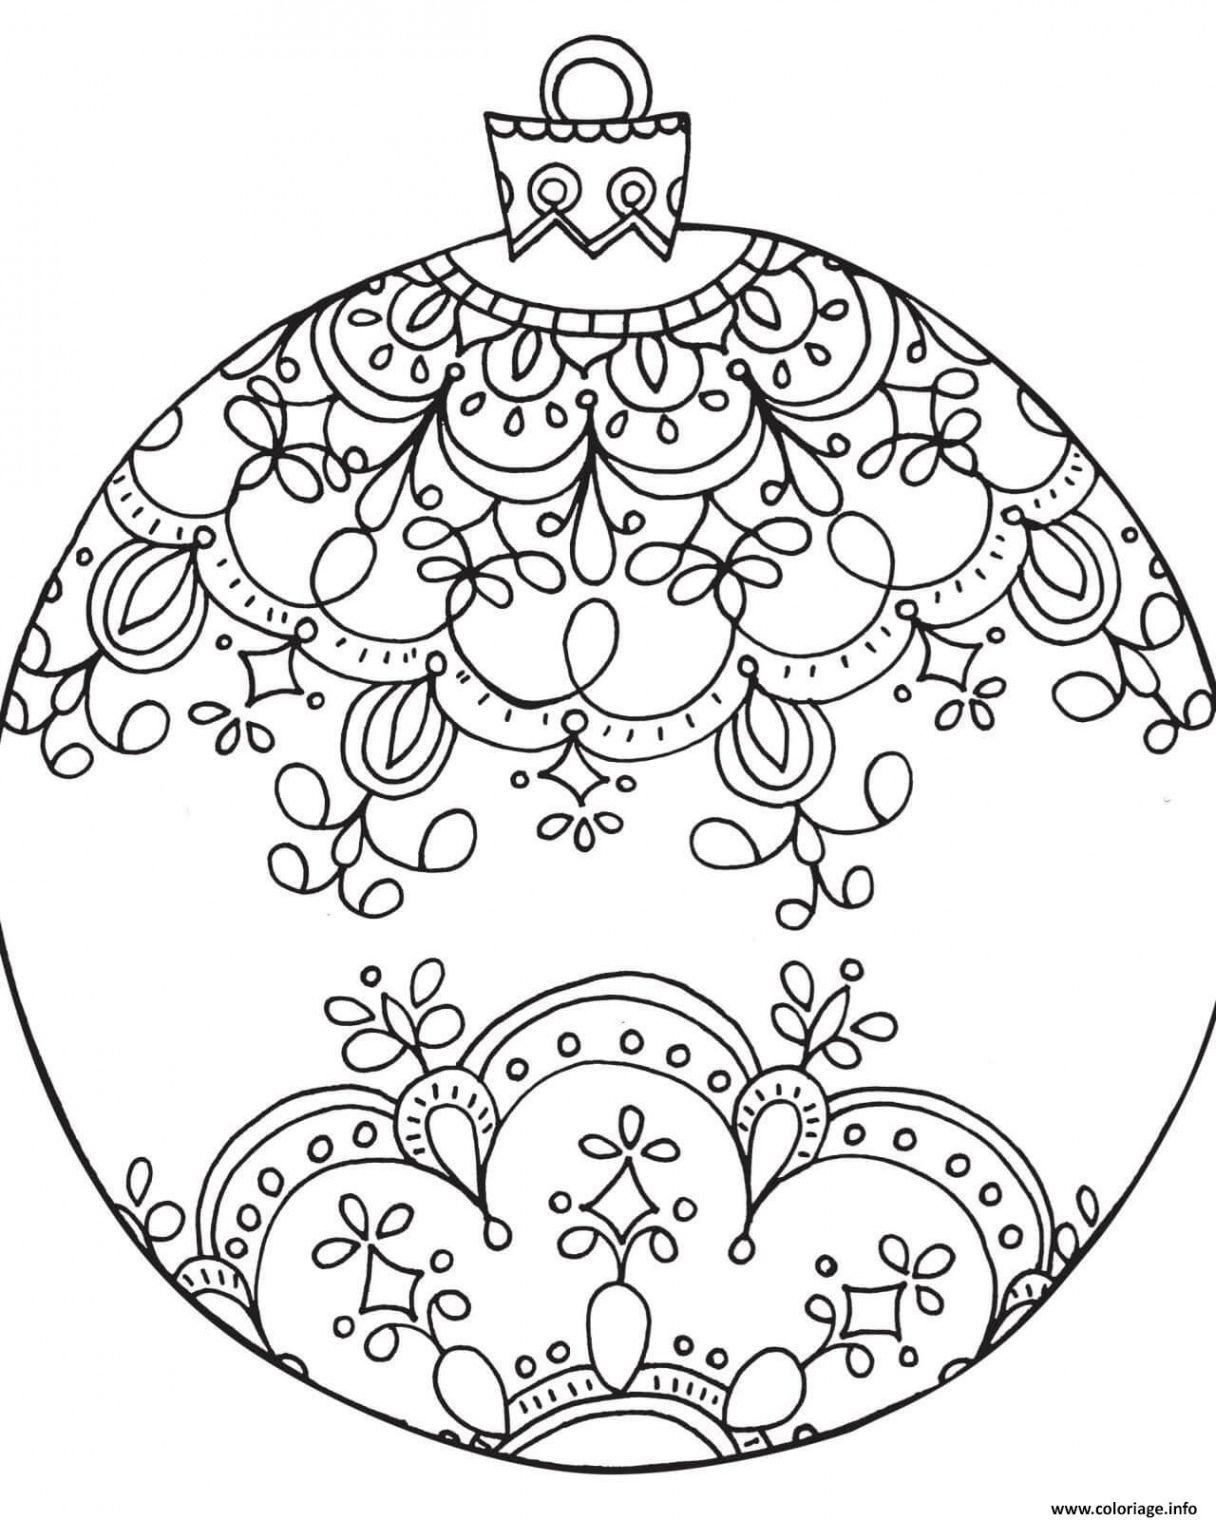 Coloriage Boule De Noel A Imprimer Kbacha Com Kbacha Com